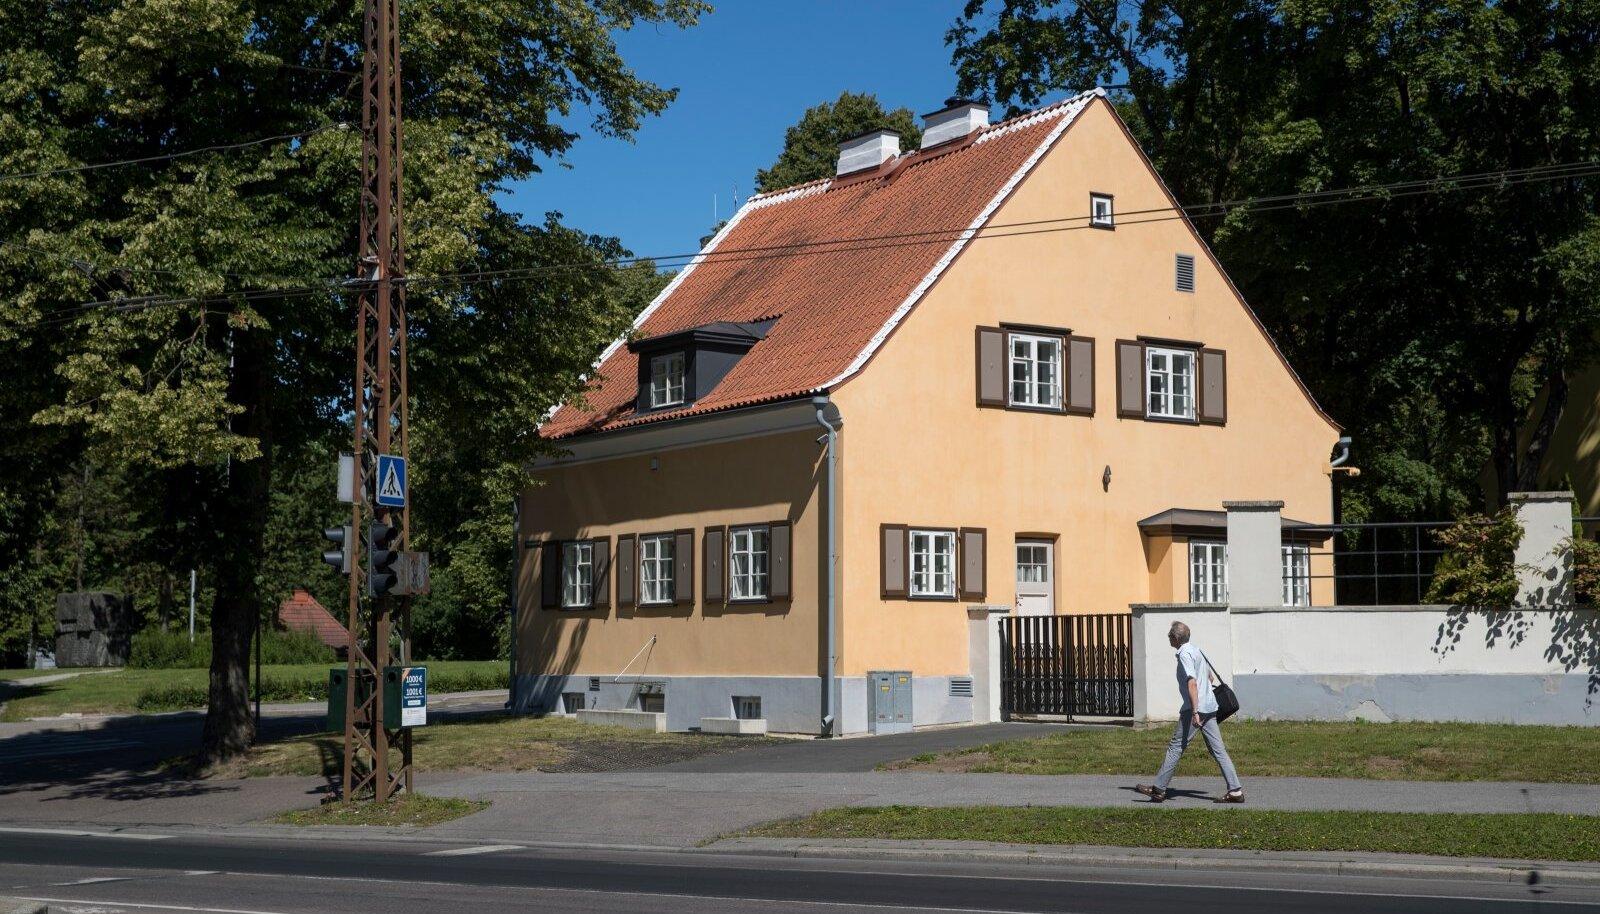 Tallinna vaated, Toompuistee ja Wismari tn nurk